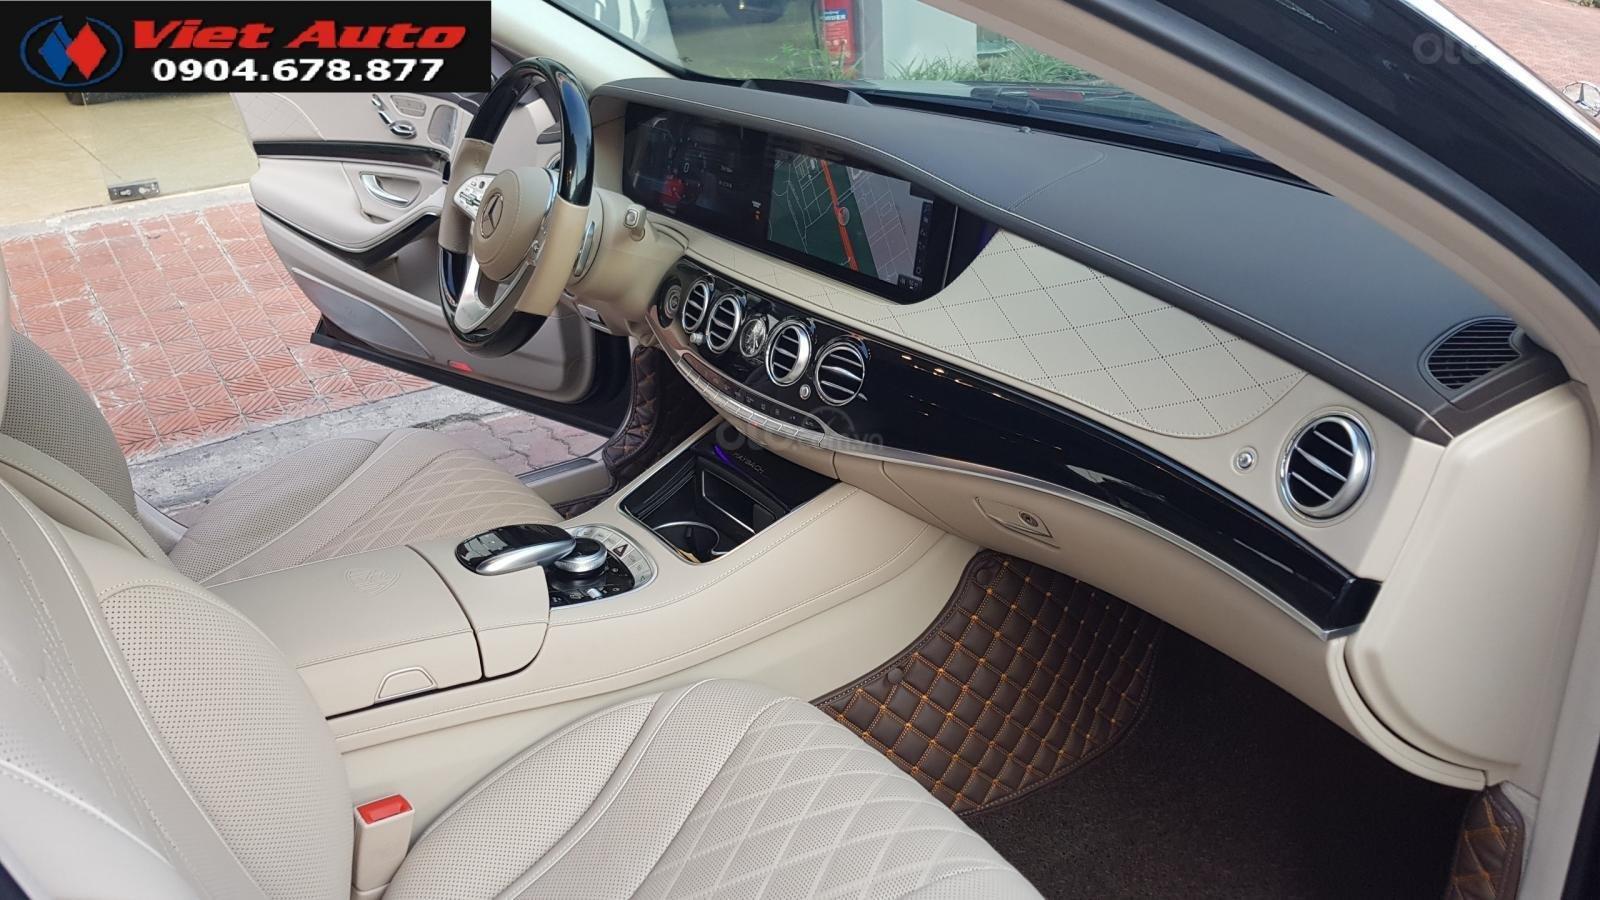 Bán Mercedes-Benz S450 Maybach màu đen, nội thất kem, xe sản xuất 2017, đăng ký lần đầu 4/2018 tên công ty-7